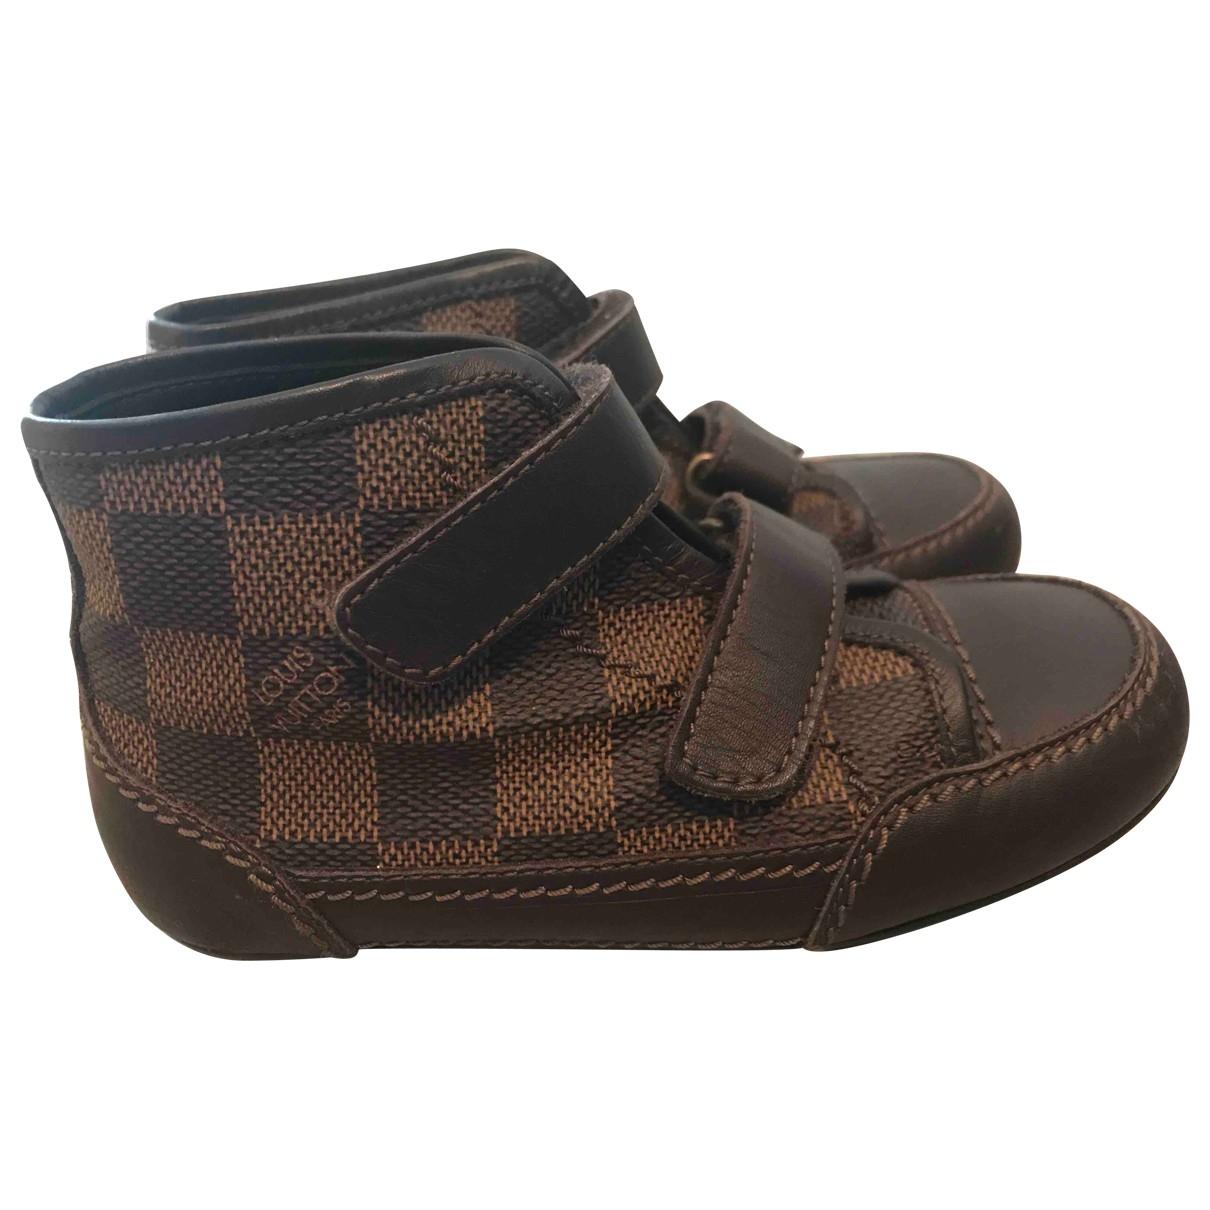 Louis Vuitton - Baskets   pour enfant - marron